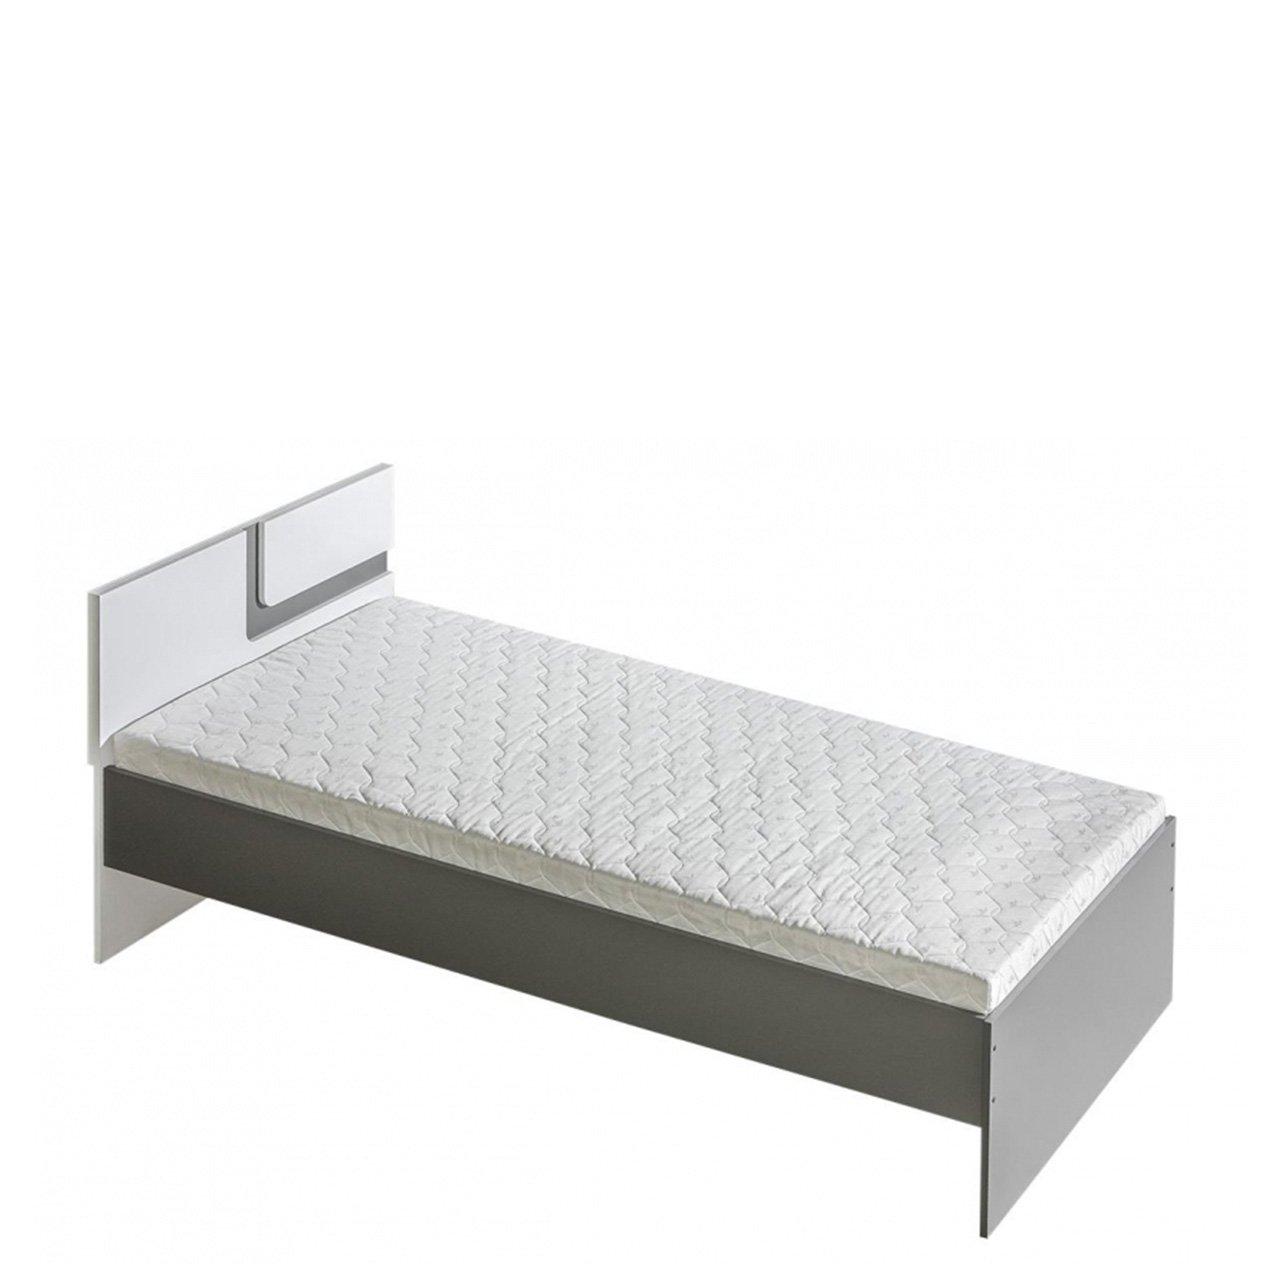 Mirjan24  Jugendbett Apetito AP12, Funktionsbett 90x200 cm, Komfortbett, Bett für Jugendzimmer (Anthrazit Weißszlig;, ohne Bettkasten) Anthrazit   Weiß mit Bettkasten